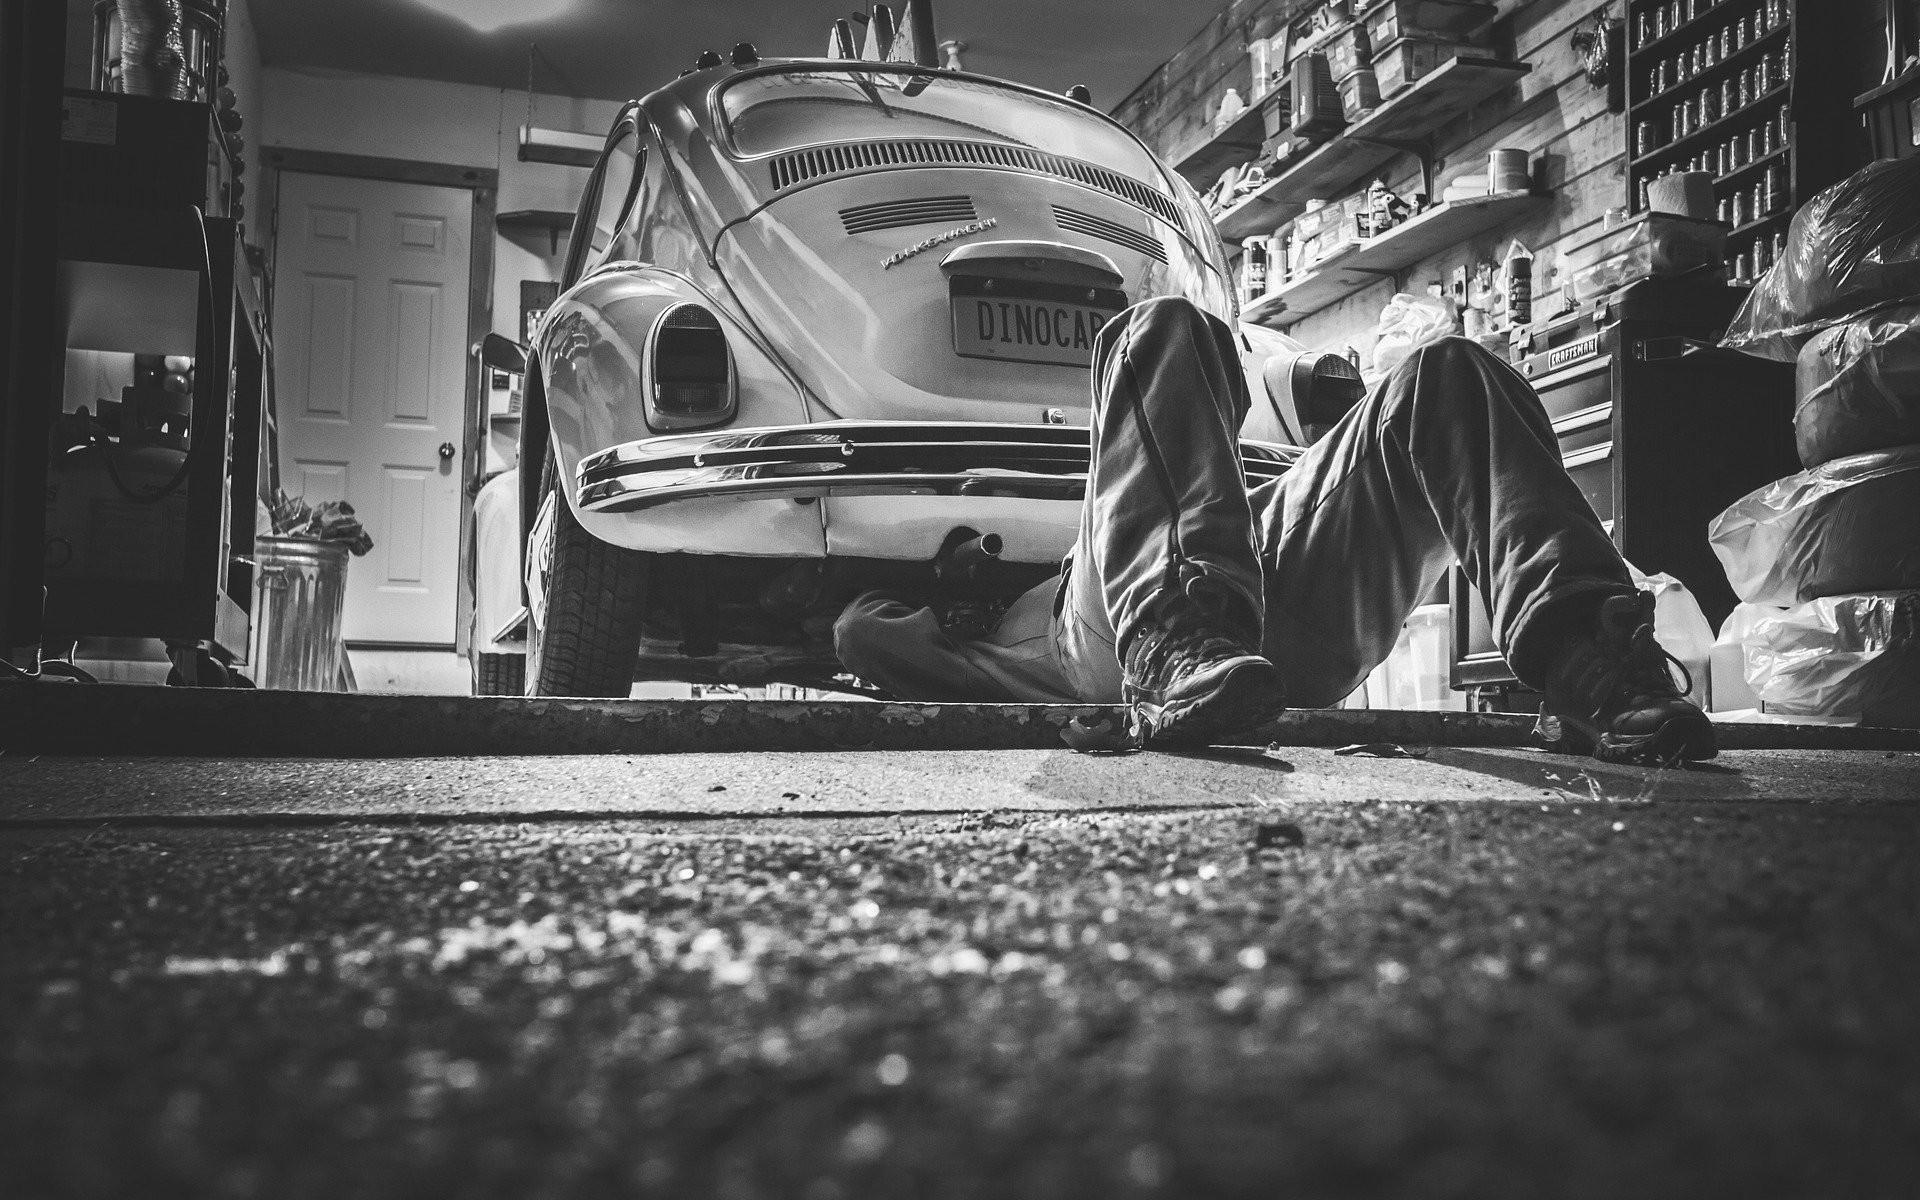 Handwerker liegt unter dem Auto